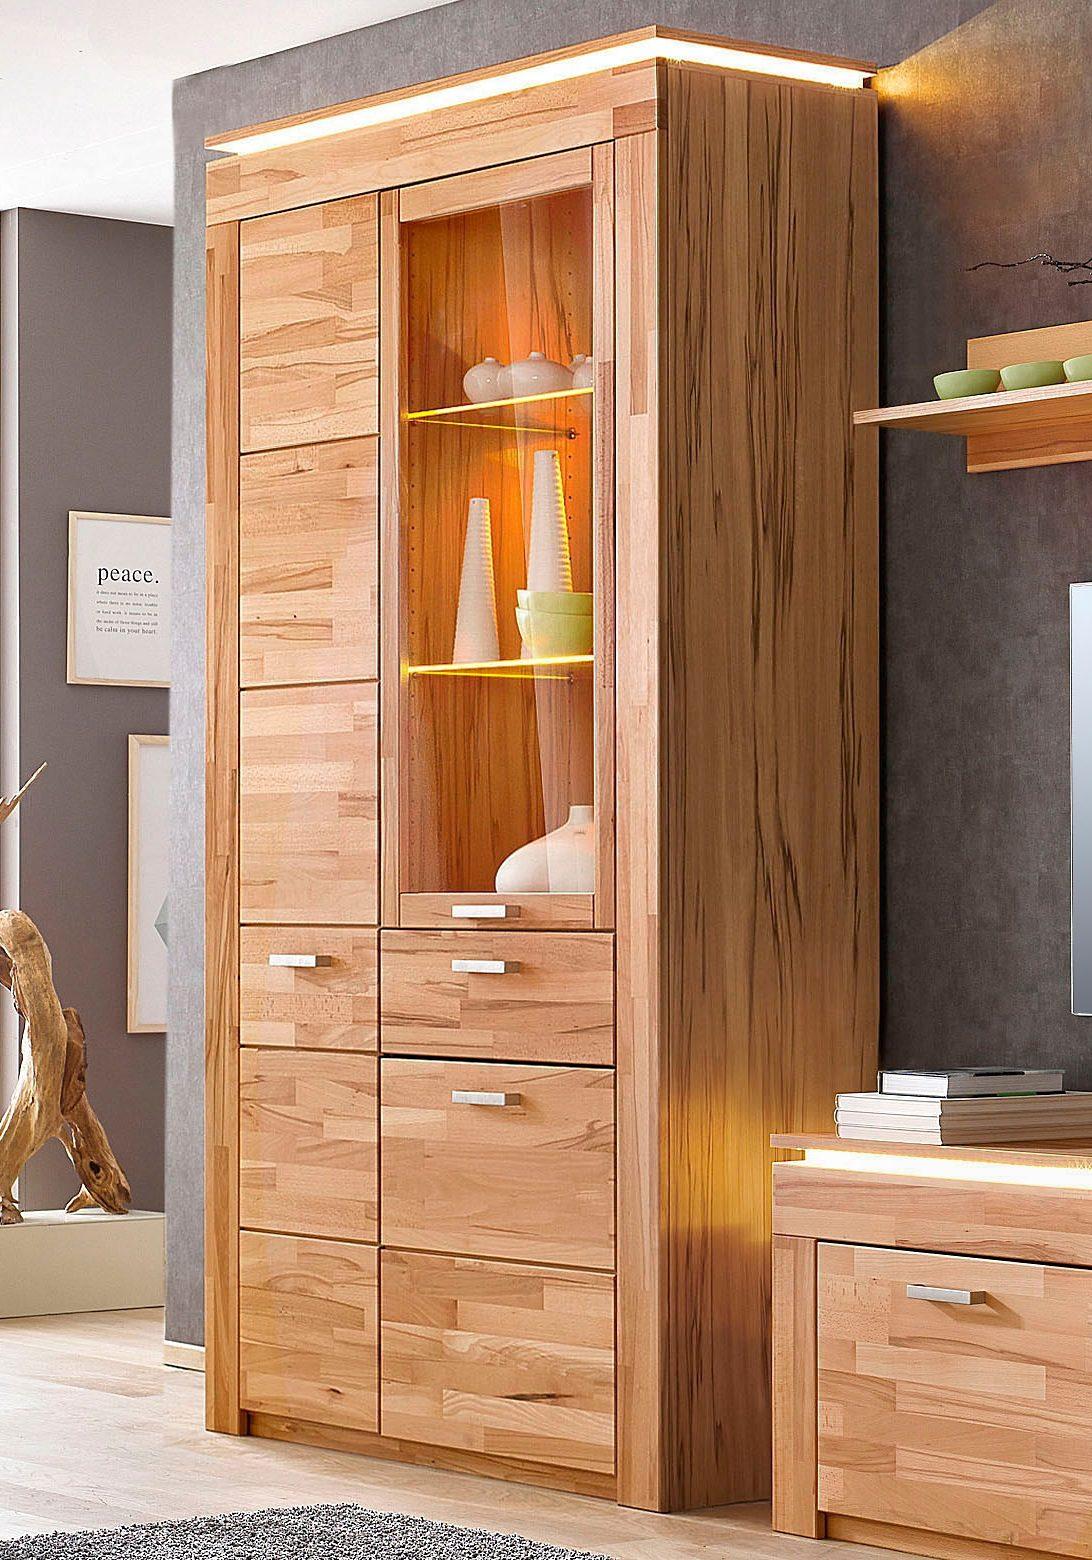 holznachbildung standvitrinen online kaufen m bel suchmaschine. Black Bedroom Furniture Sets. Home Design Ideas